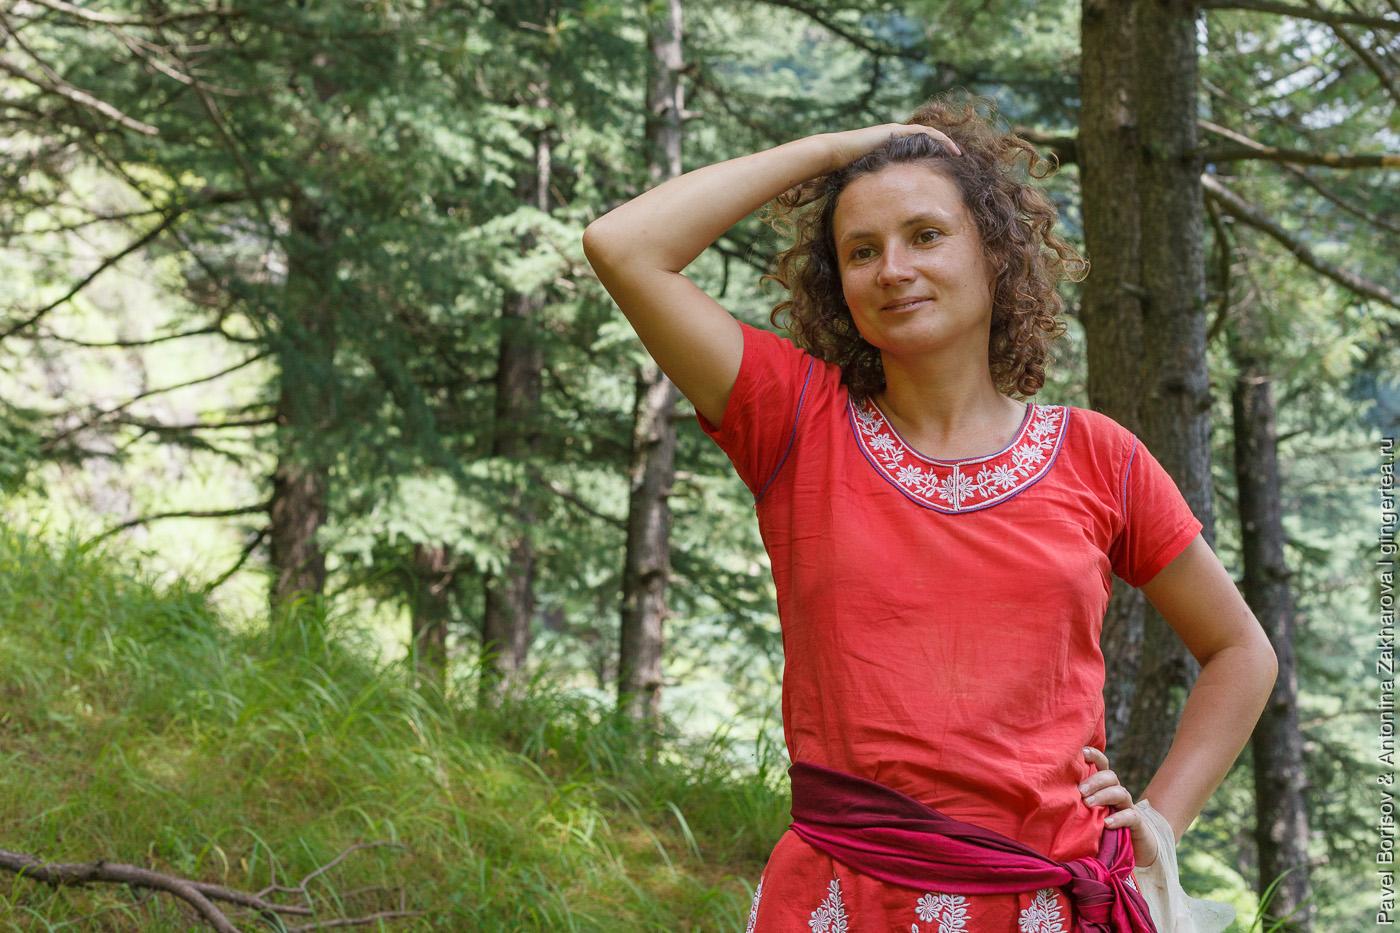 девушка в национальной одежде, Индия